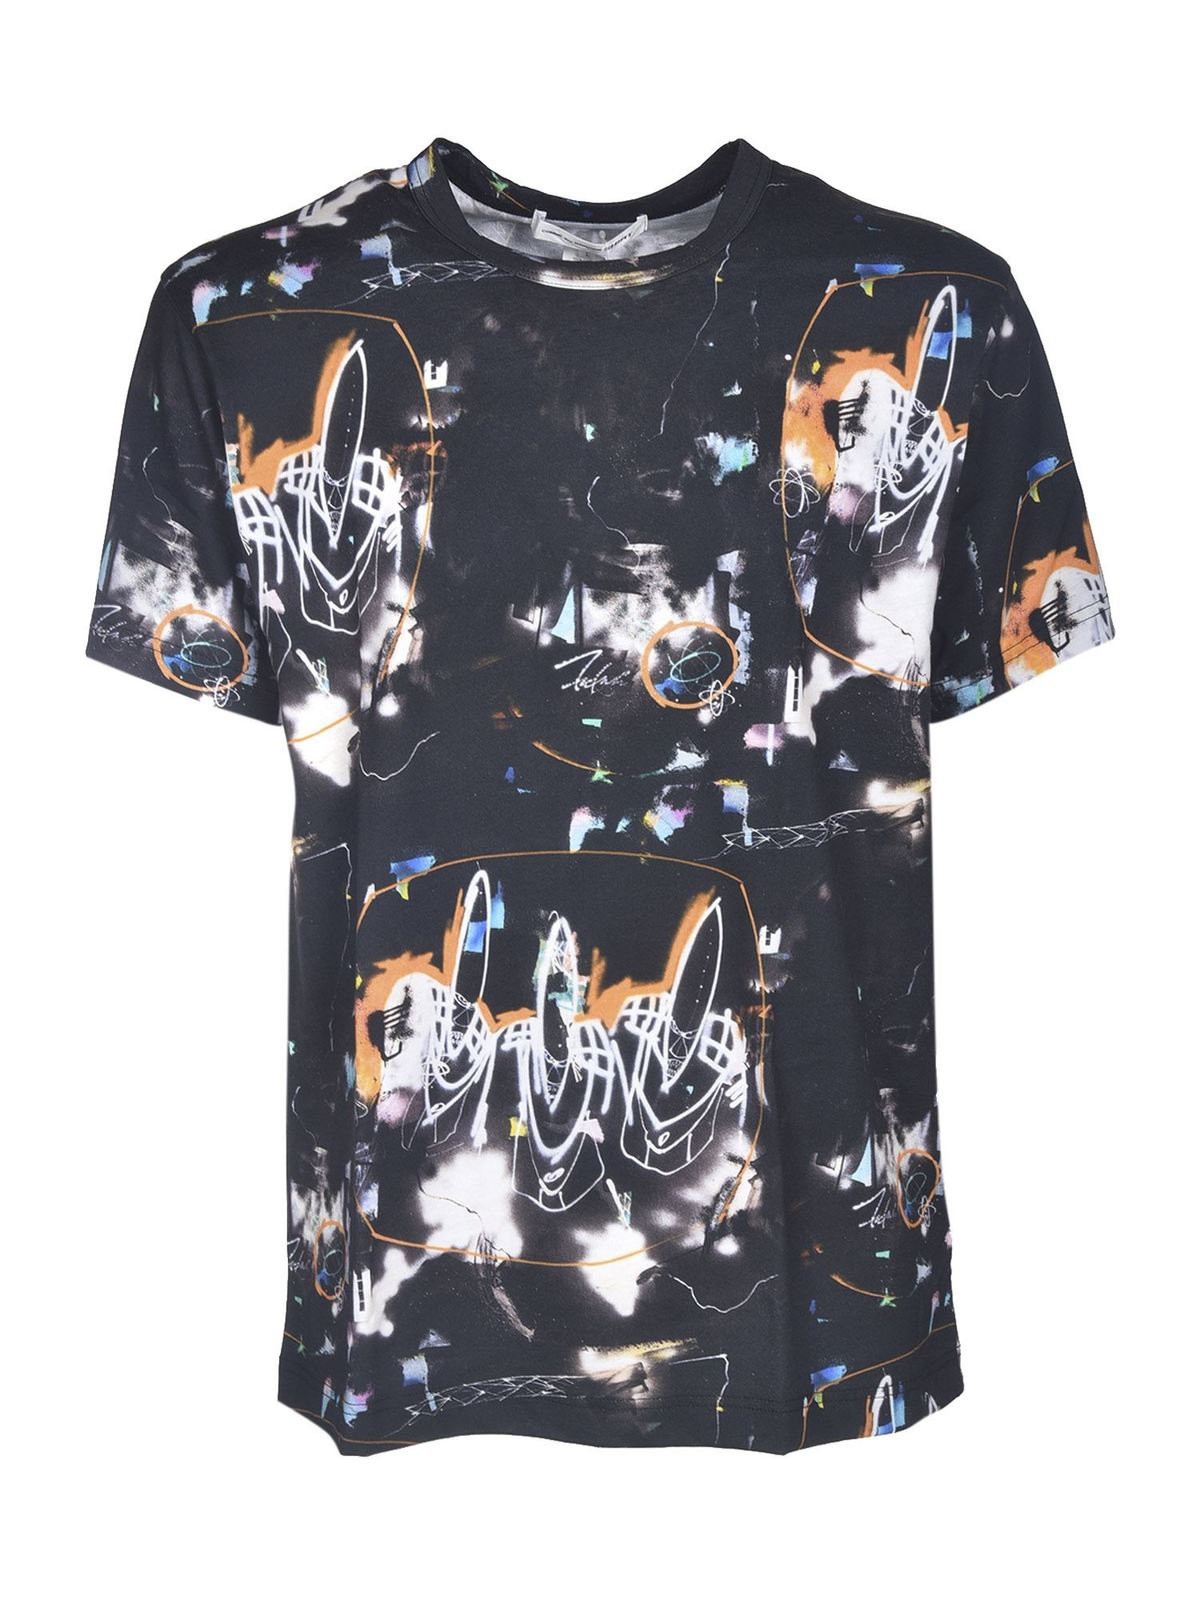 Comme Des Garçons Shirt T-shirts PRINTED T-SHIRT IN BLACK